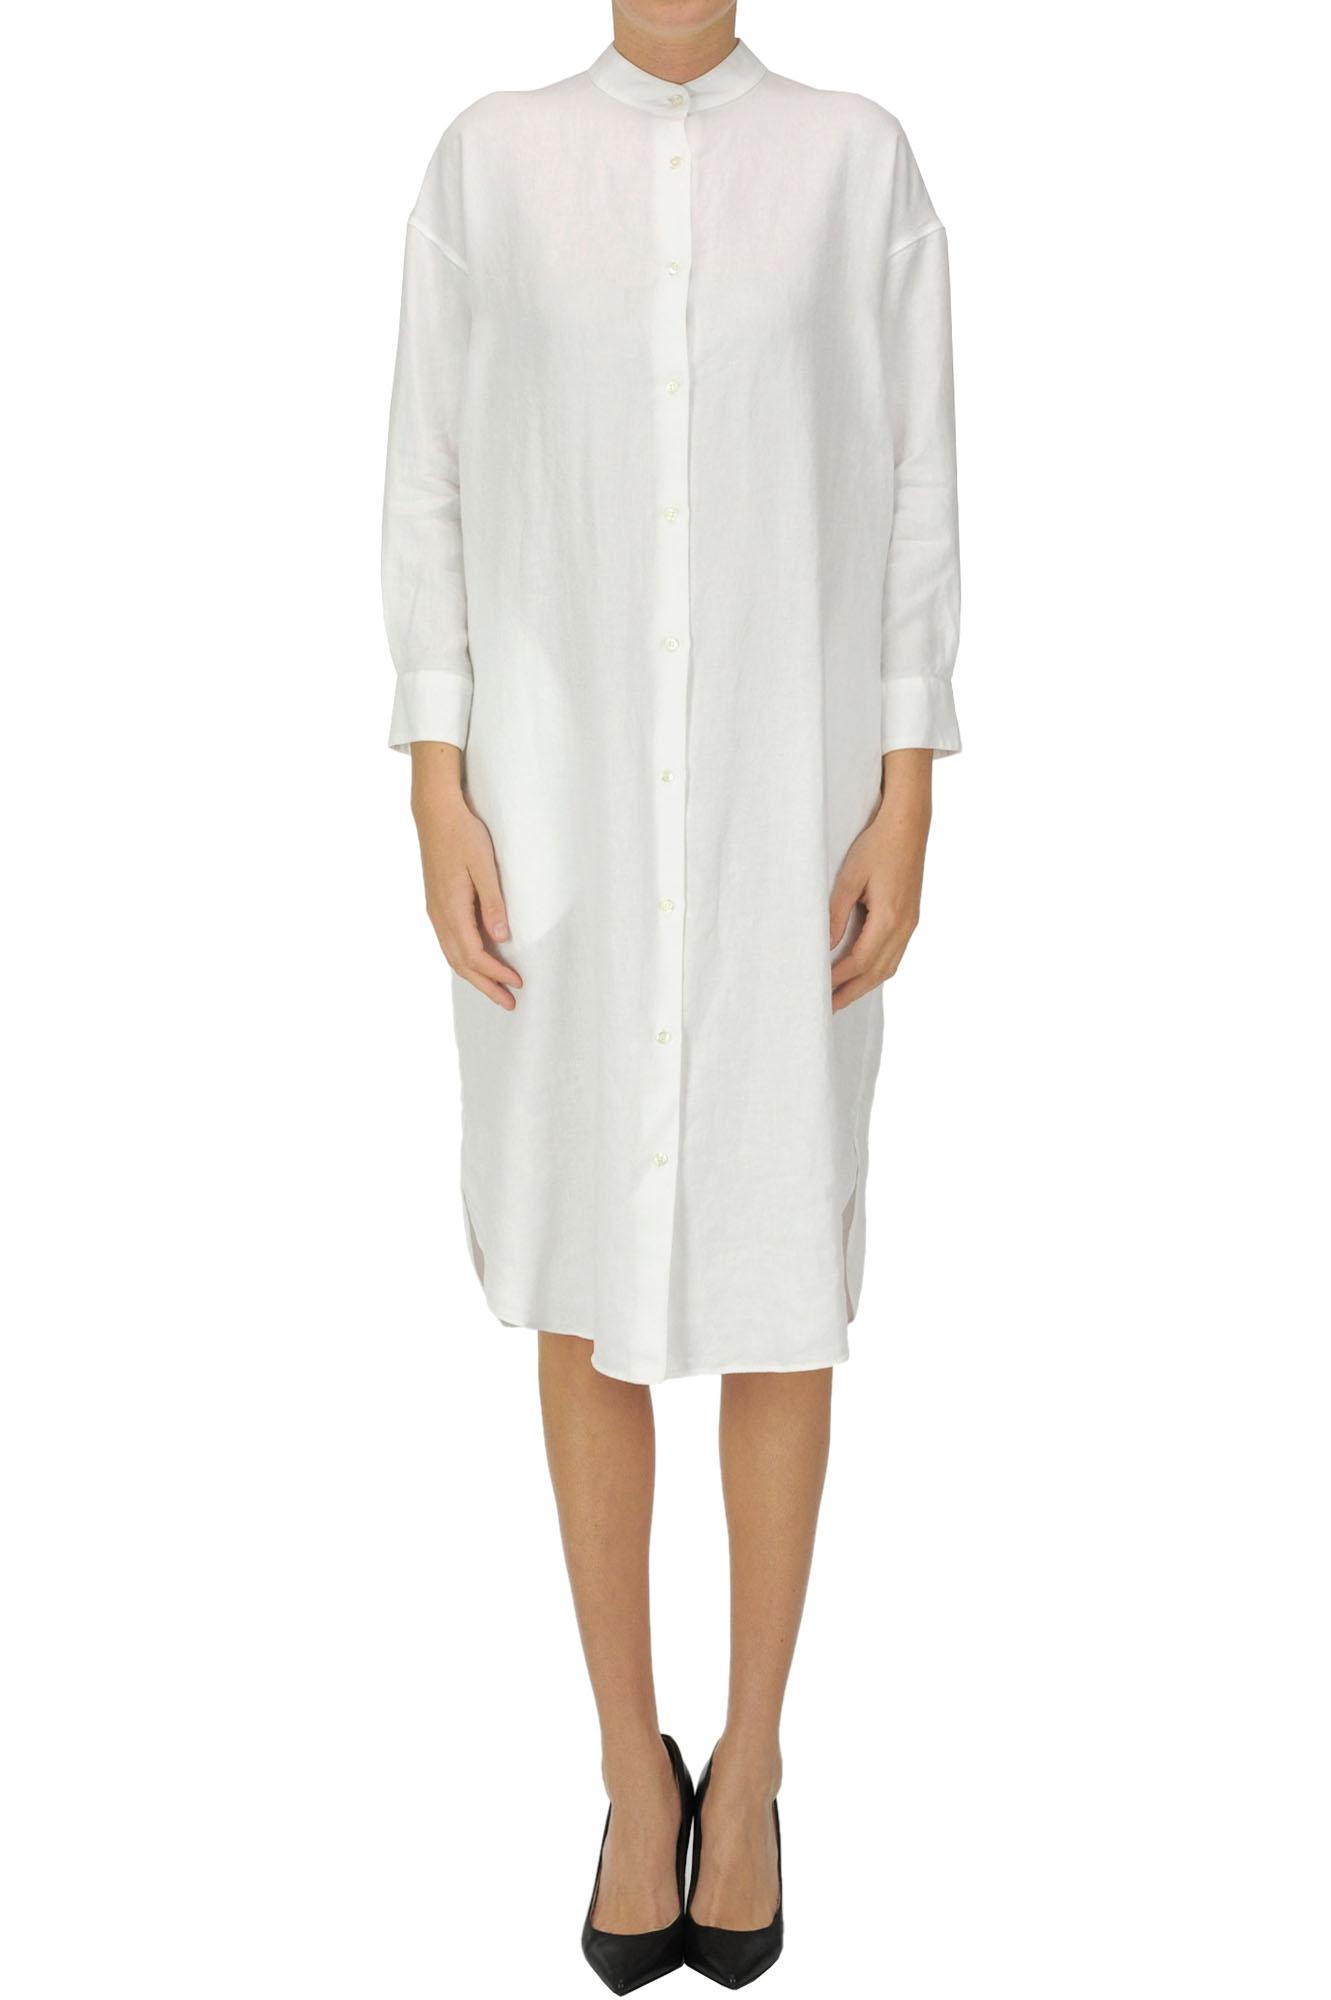 Aspesi LINEN SHIRT DRESS